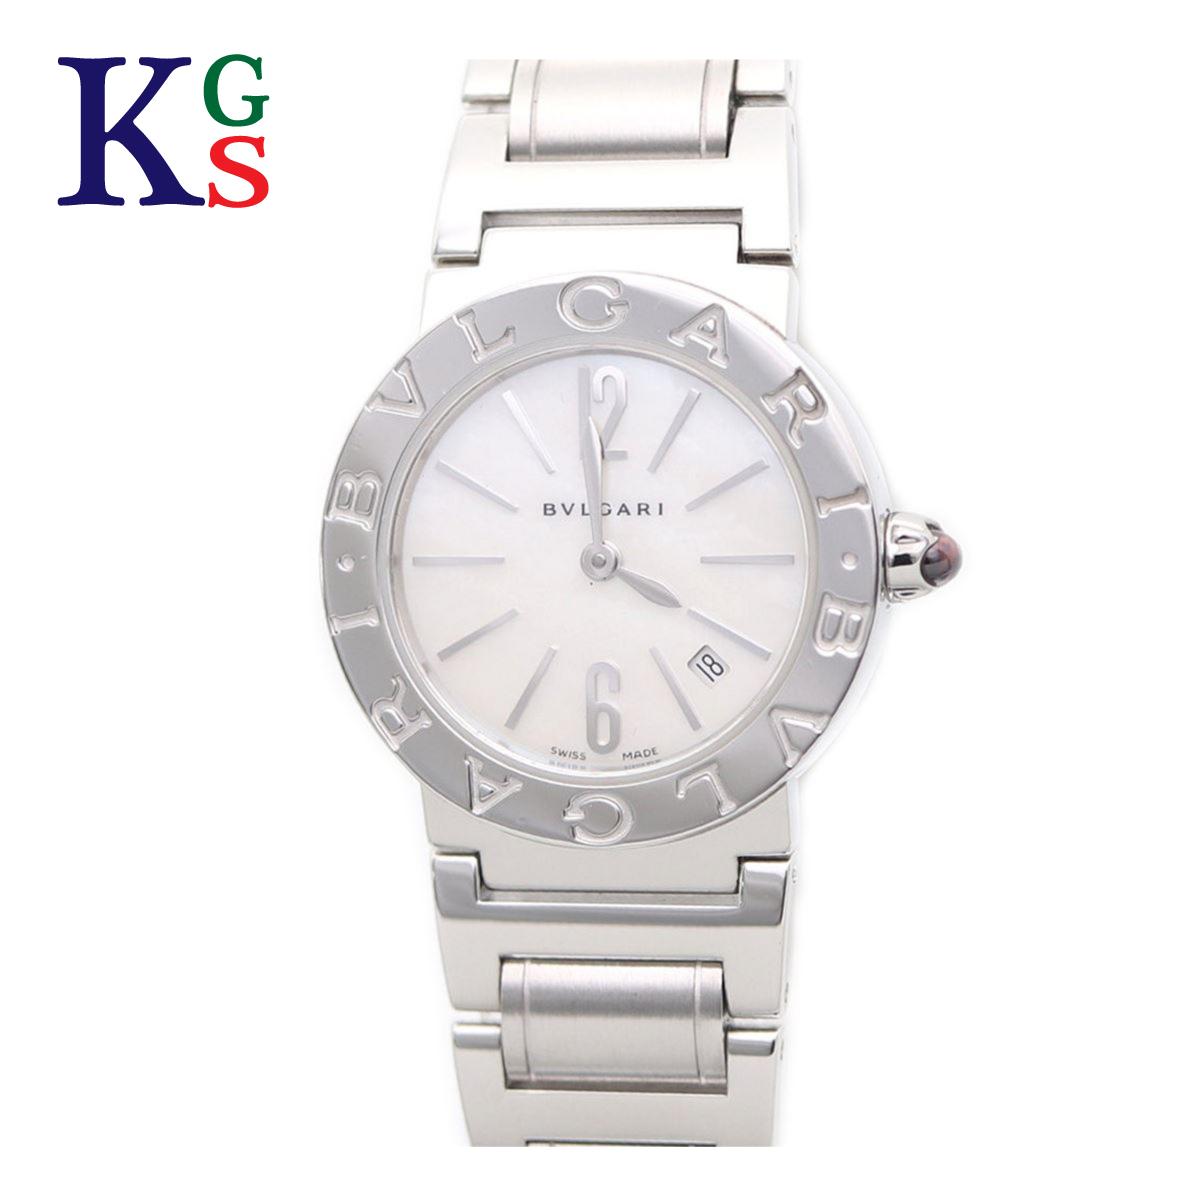 【ギフト品質】ブルガリ/BVLGARI レディース 腕時計 BVLGARI×BVLGARI 101885 BBL26WSSD シェル文字盤×SS ステンレススチール 白文字盤 クオーツ